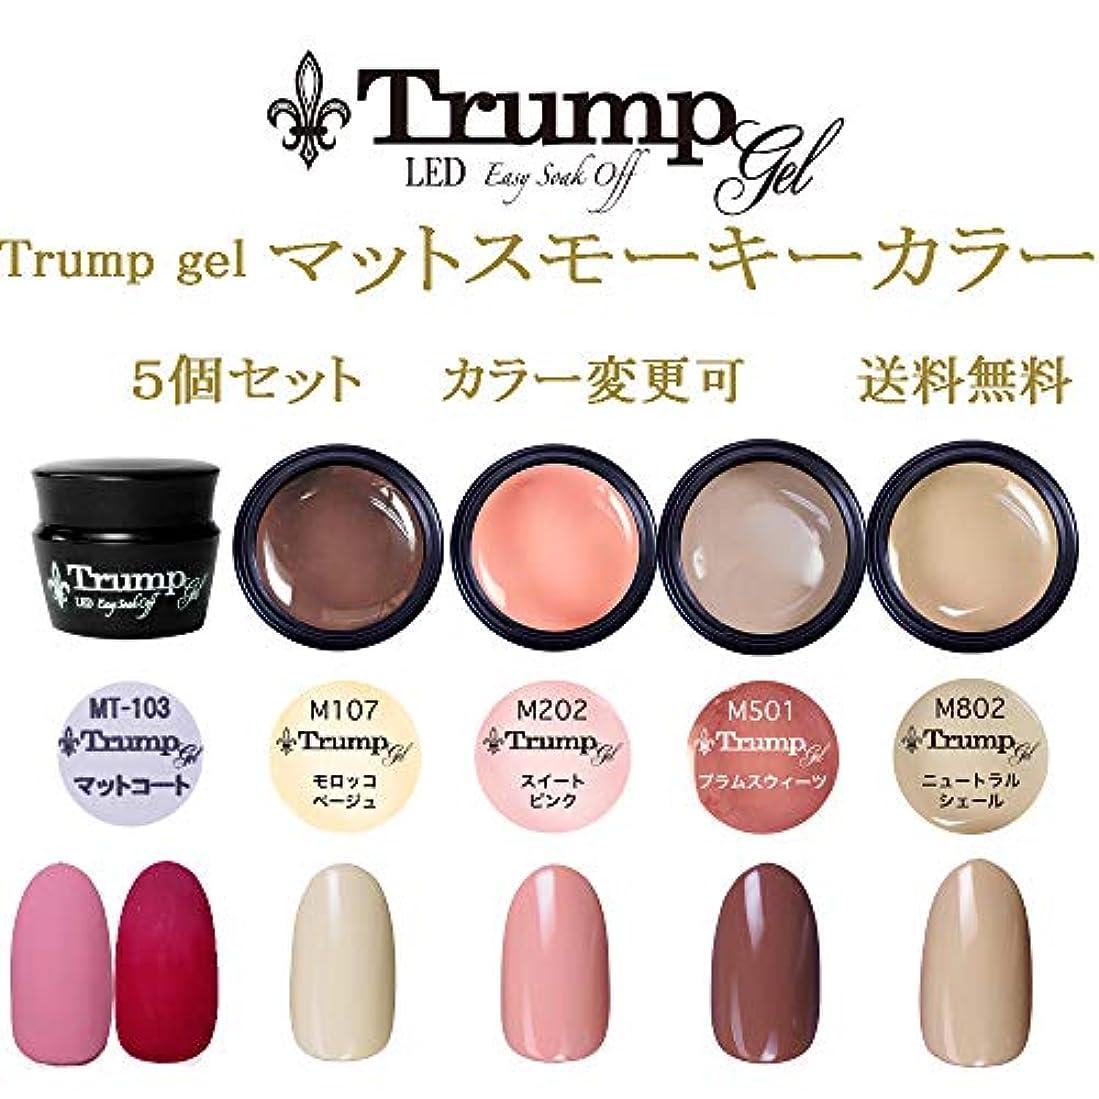 ながら前置詞宝石【送料無料】Trumpマットスモーキーカラー選べる カラージェル5個セット